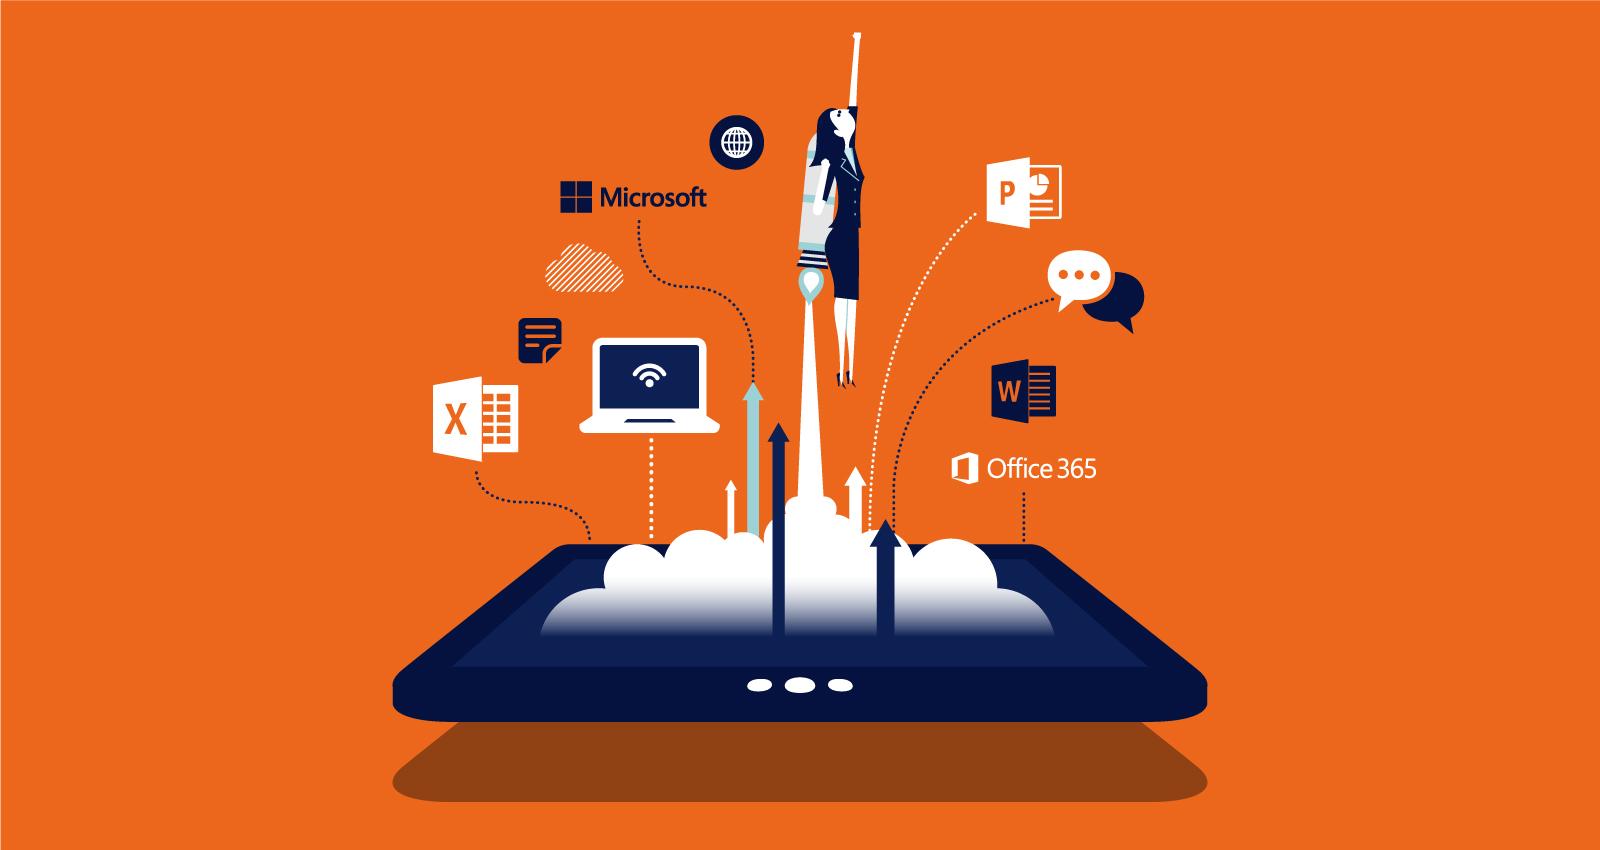 Microsoft 365 - Bộ công cụ quản lý công việc truyền thống cơ bản